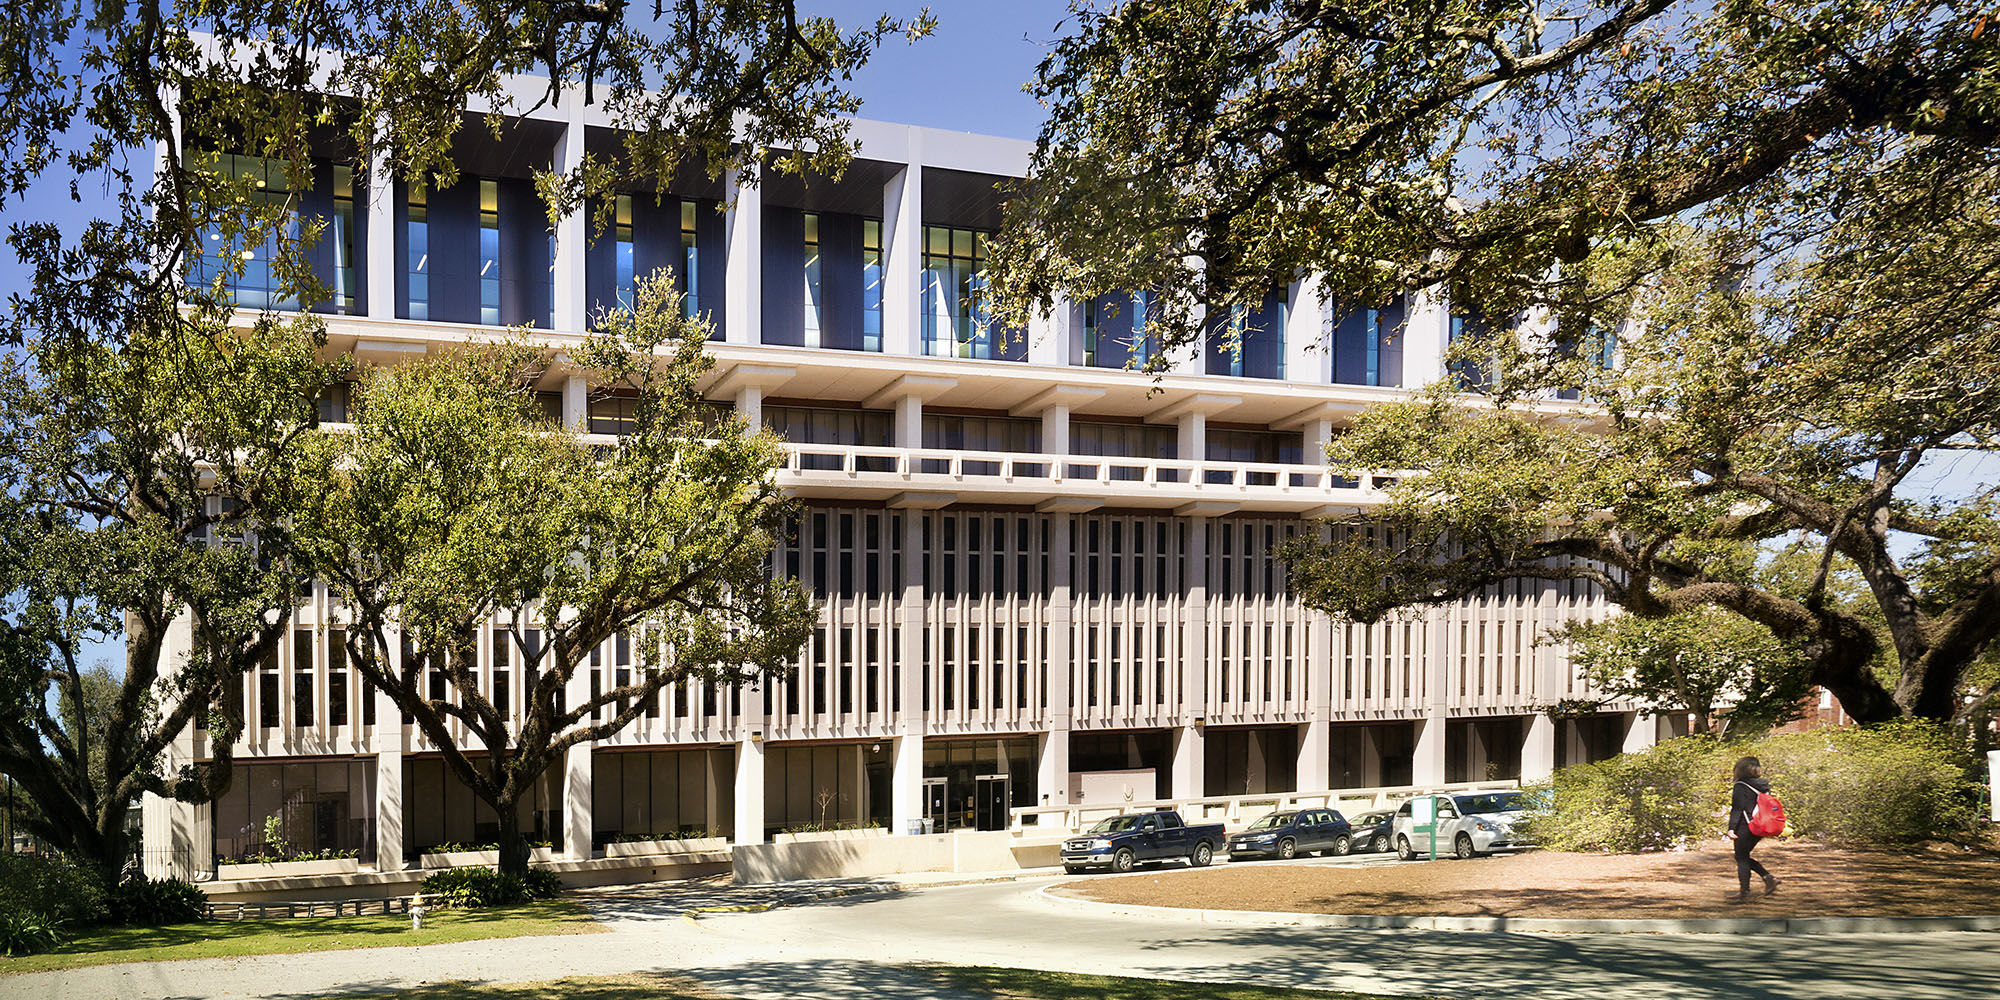 Tulane 杜蘭大學 - 歷史悠久的南方名校,全美唯一的熱帶醫學院